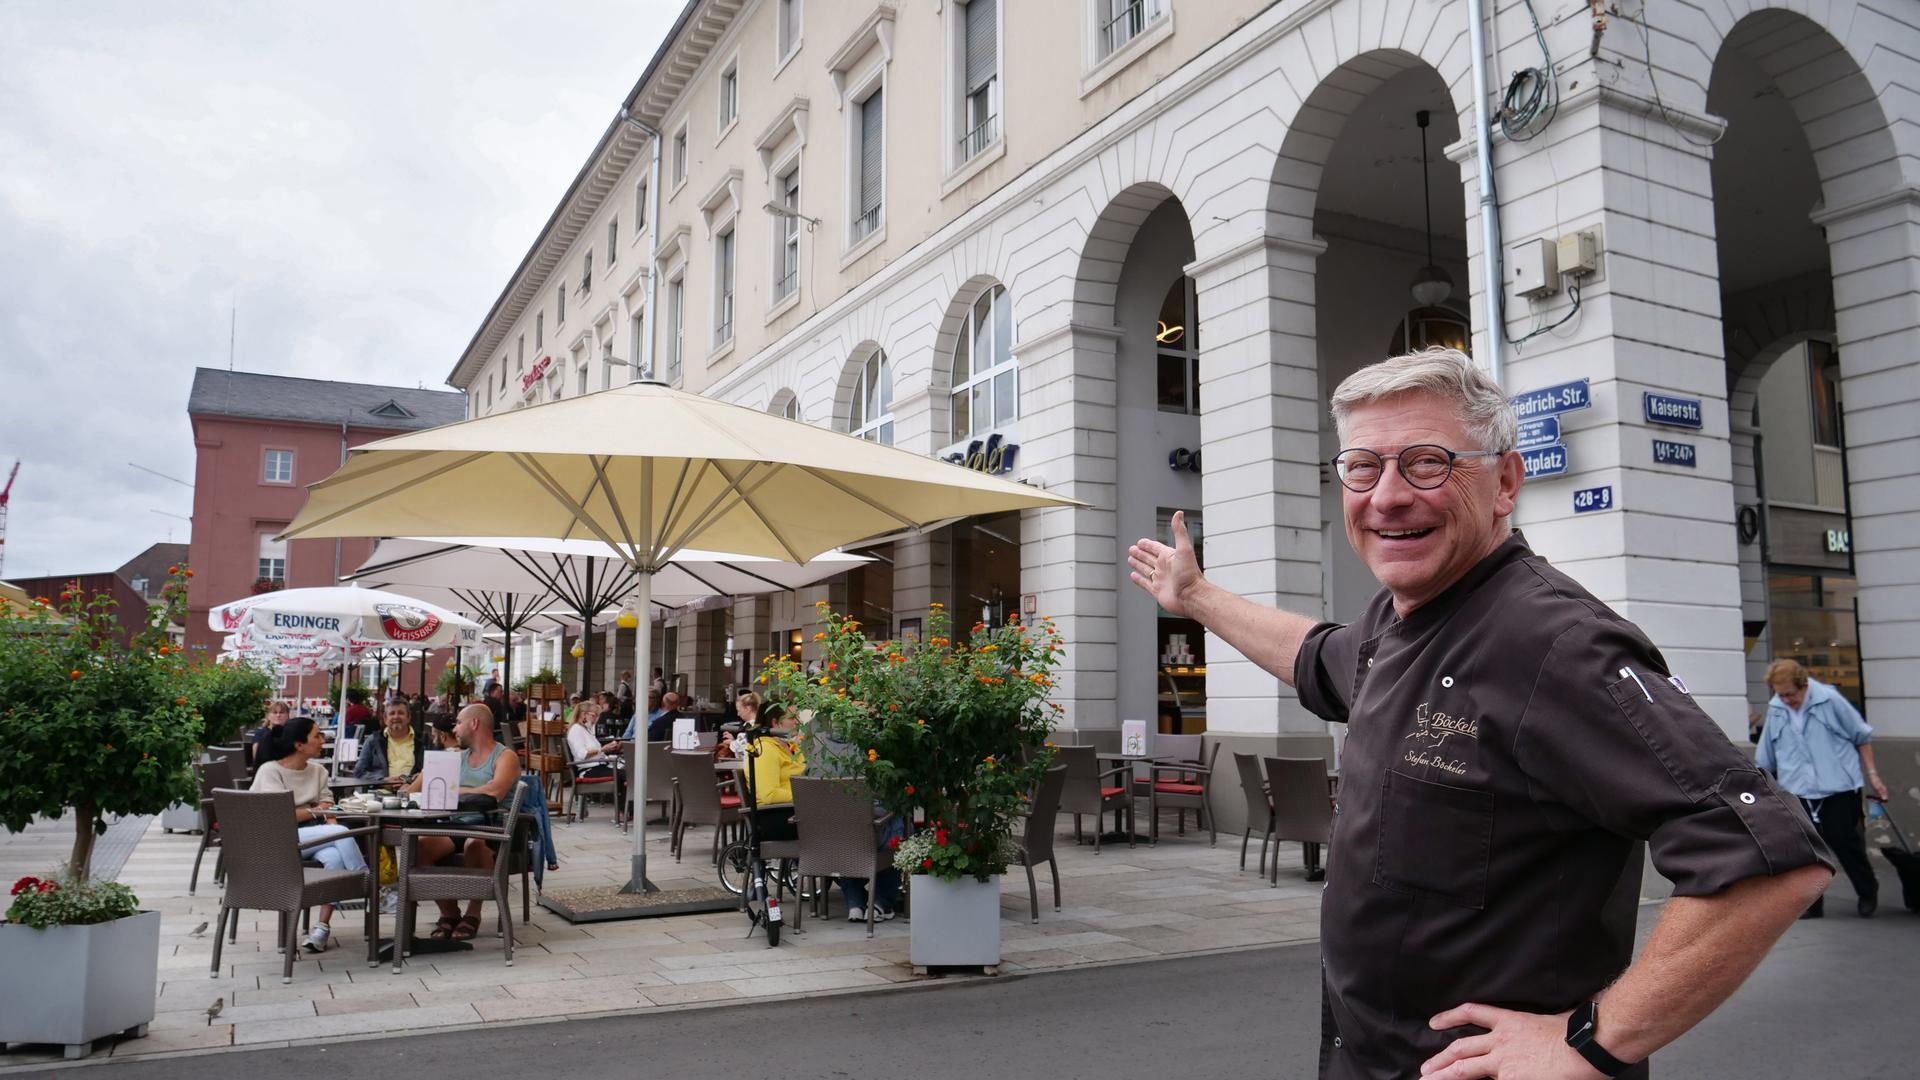 Vor dem Umbau: Der Konditorei-Unternehmer Stefan Böckeler hat viel vor mit seinem regional bekannten Kaffeehaus am Marktplatz.